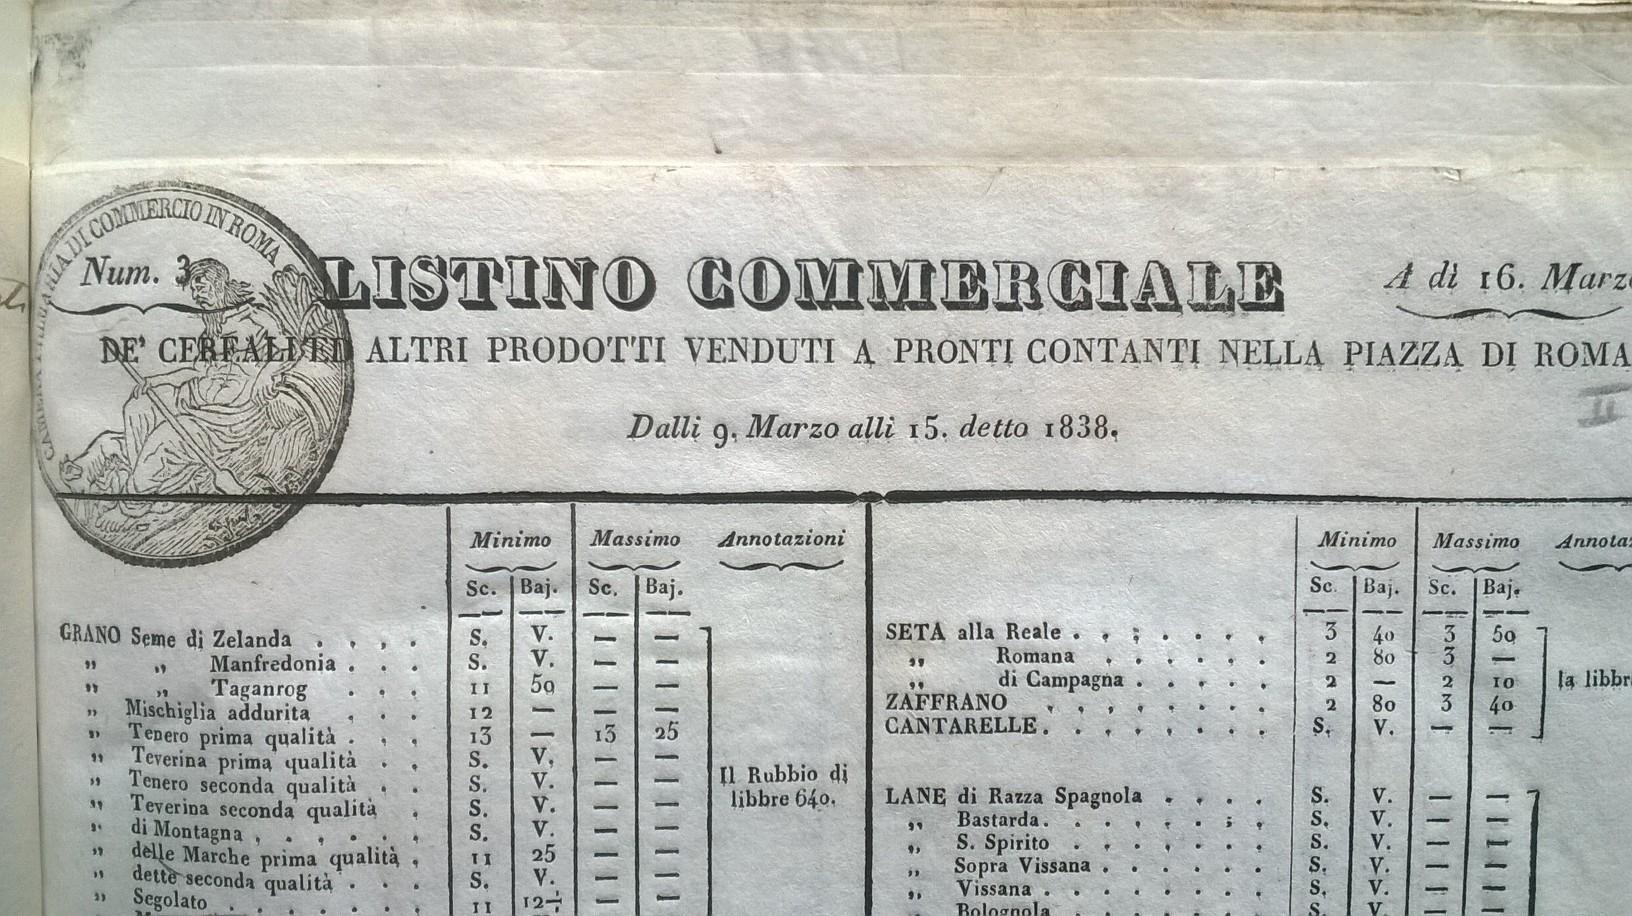 Dettaglio foto elenco commerciale del 1838